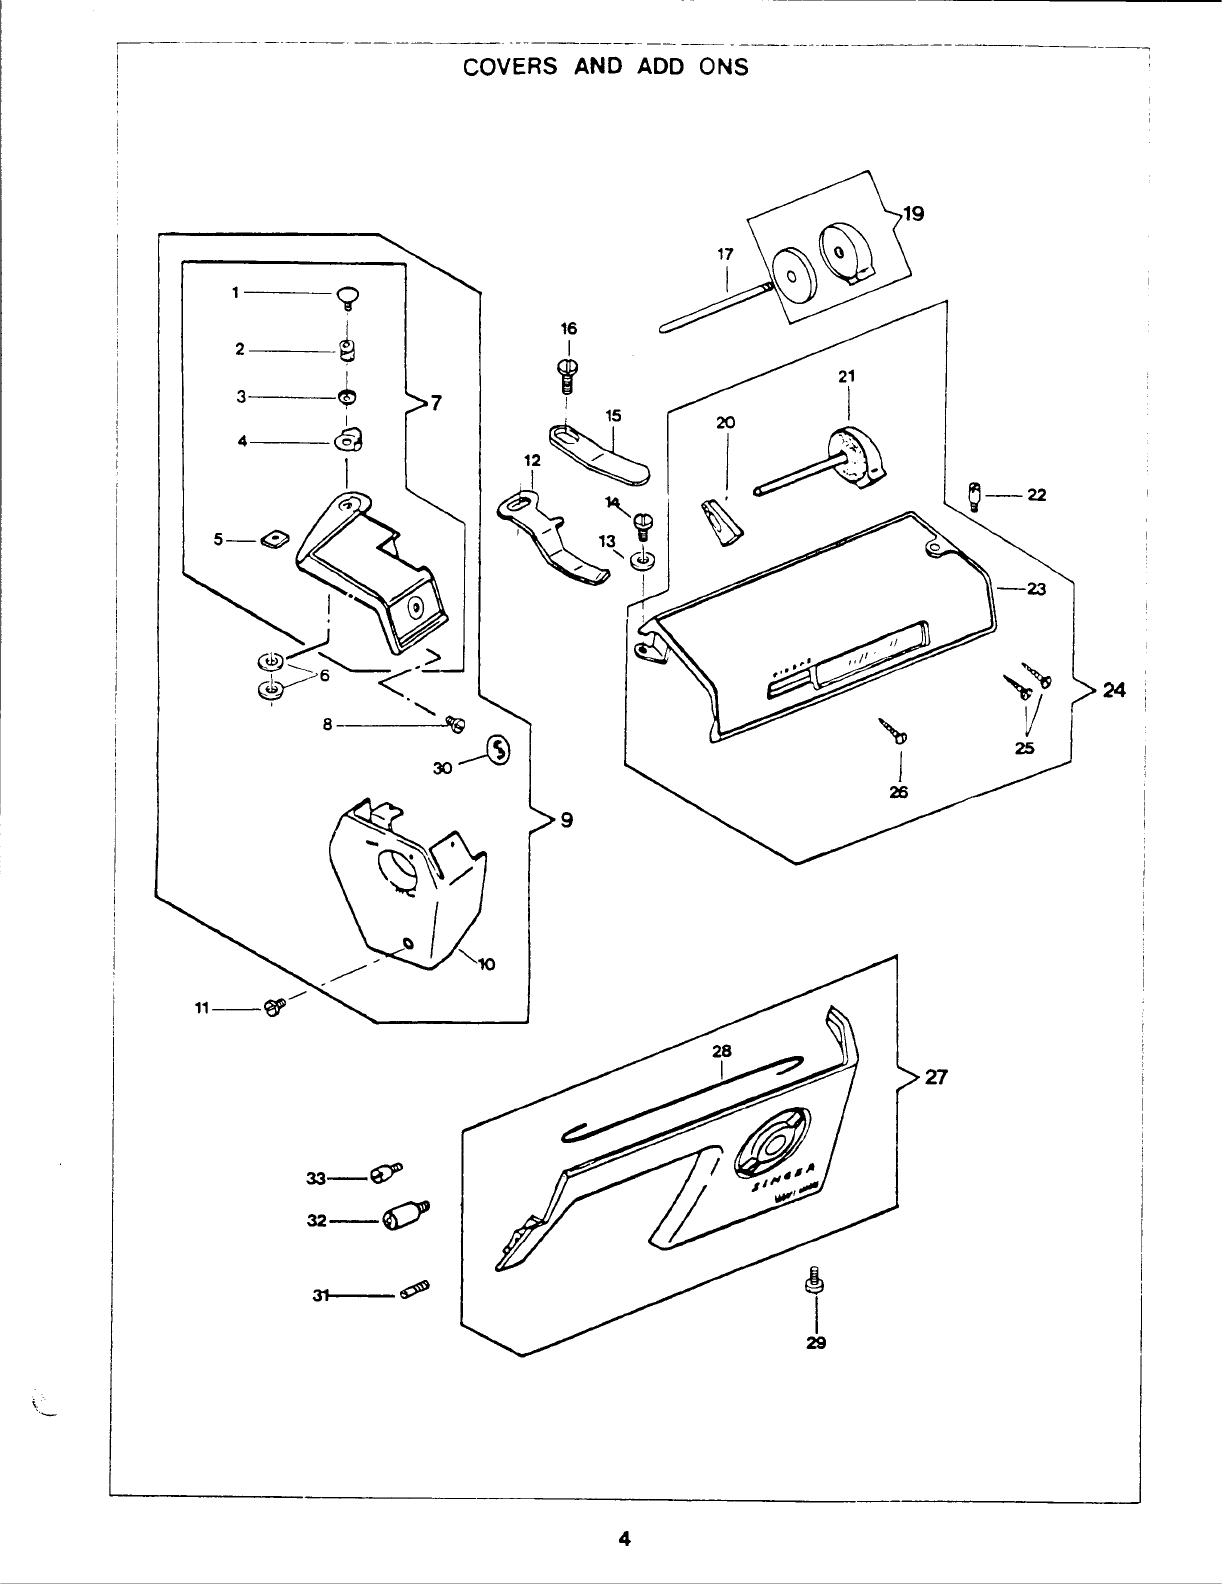 singer 1411 sewing machine